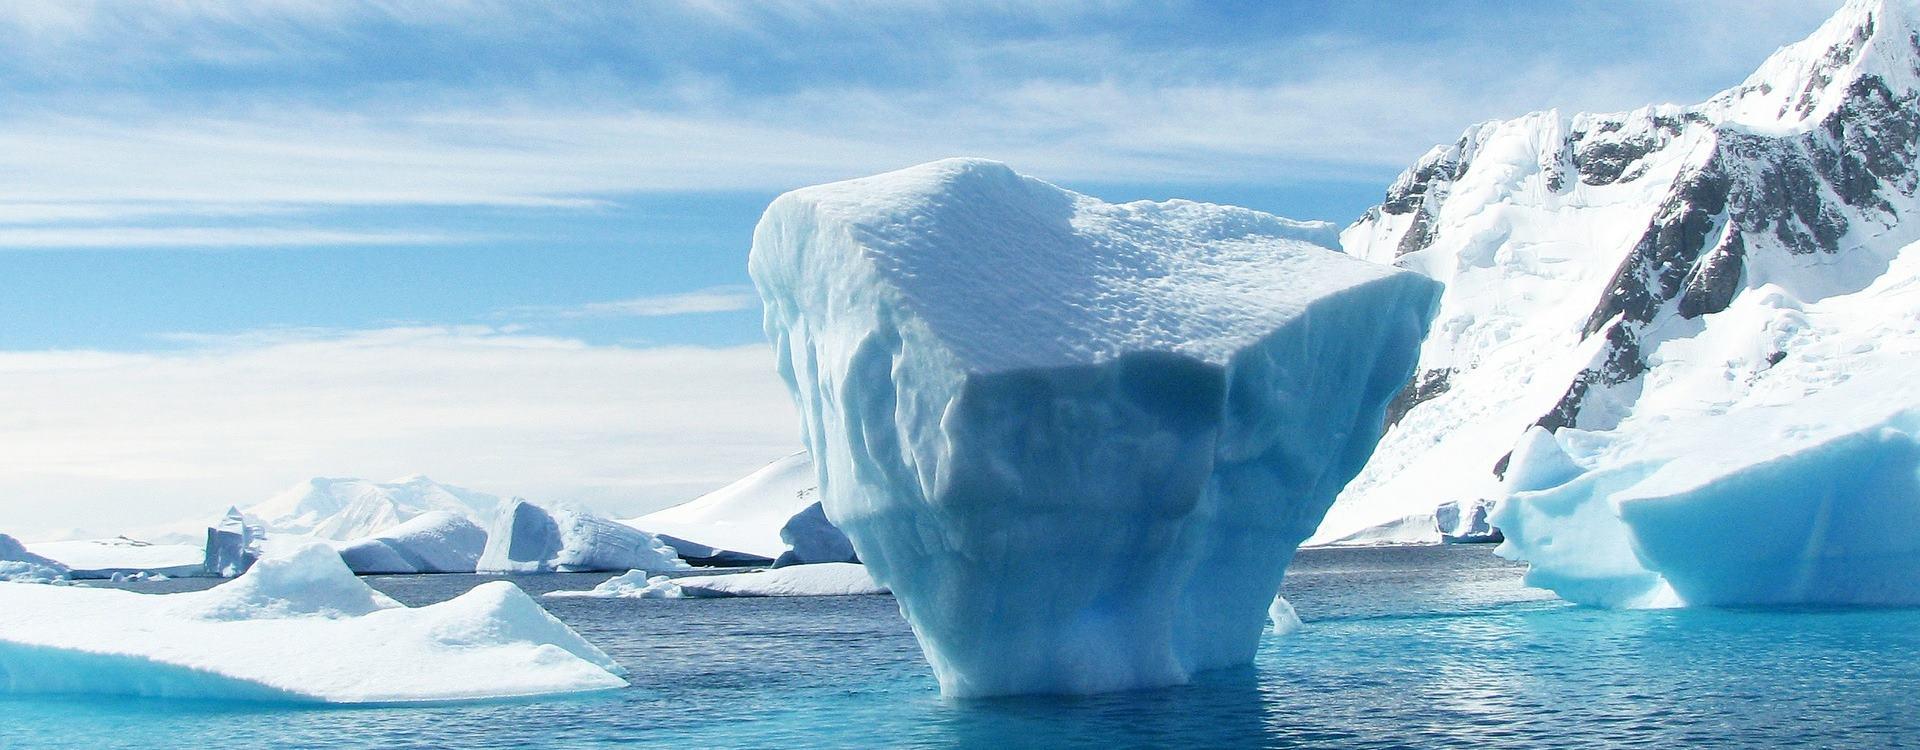 Льды Арктики